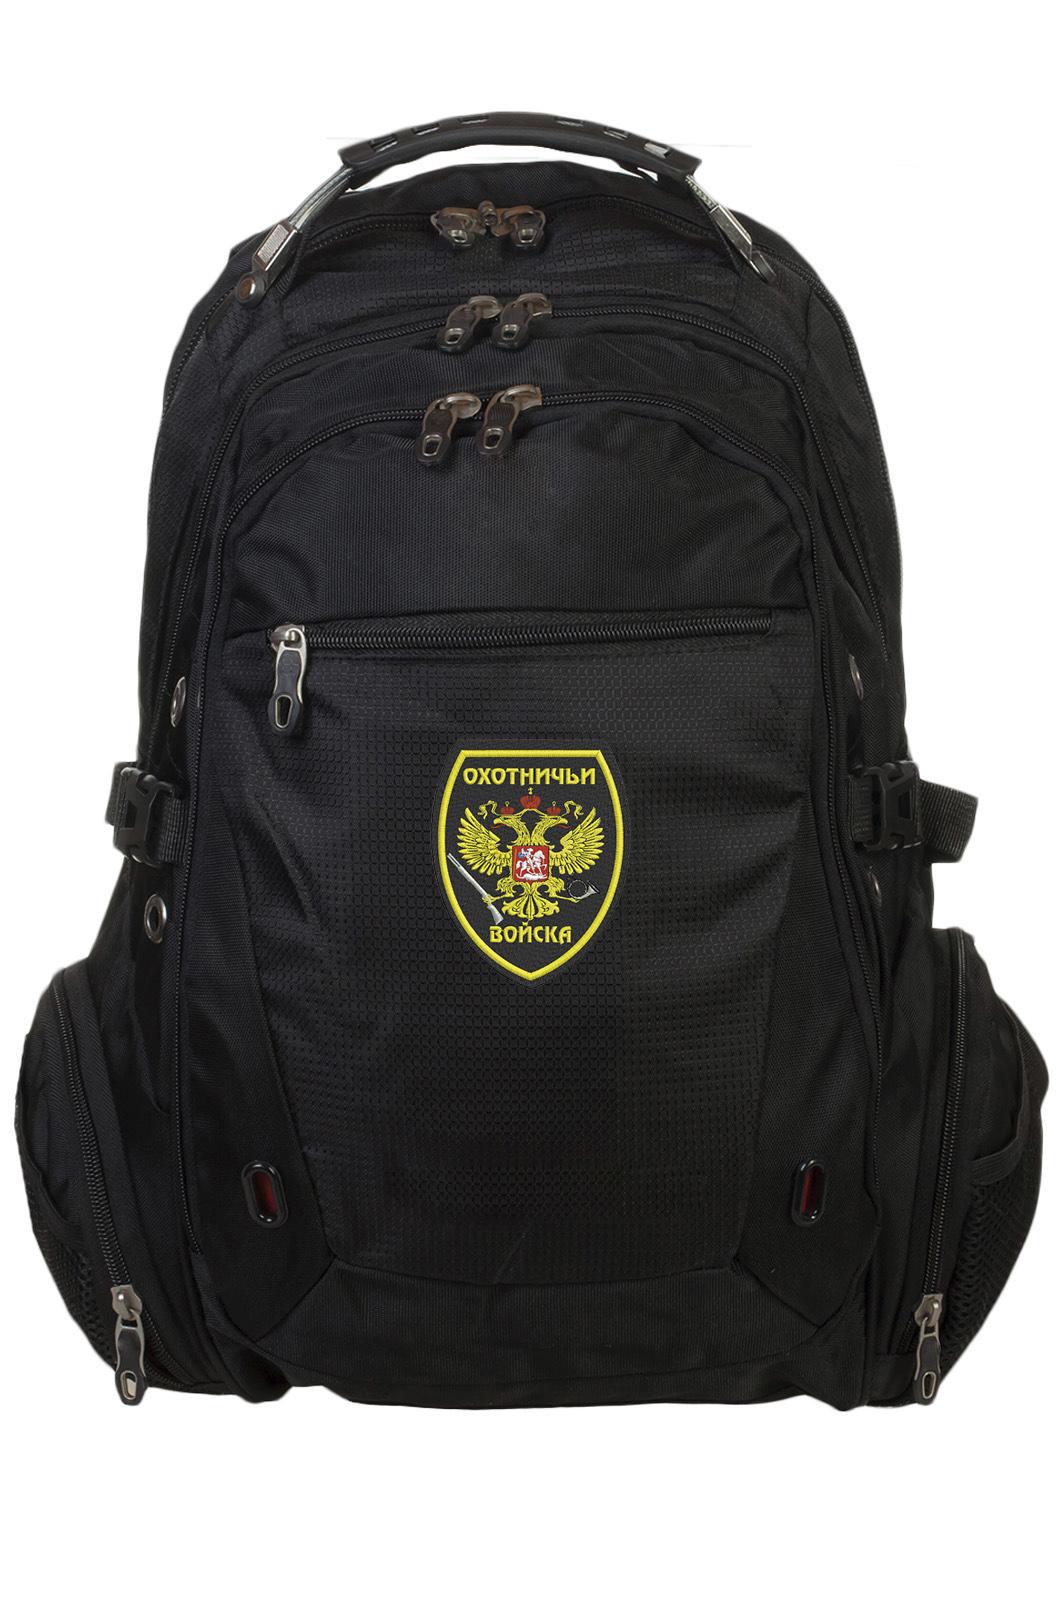 Лучший мужской рюкзак с шевроном Охотничьих войск